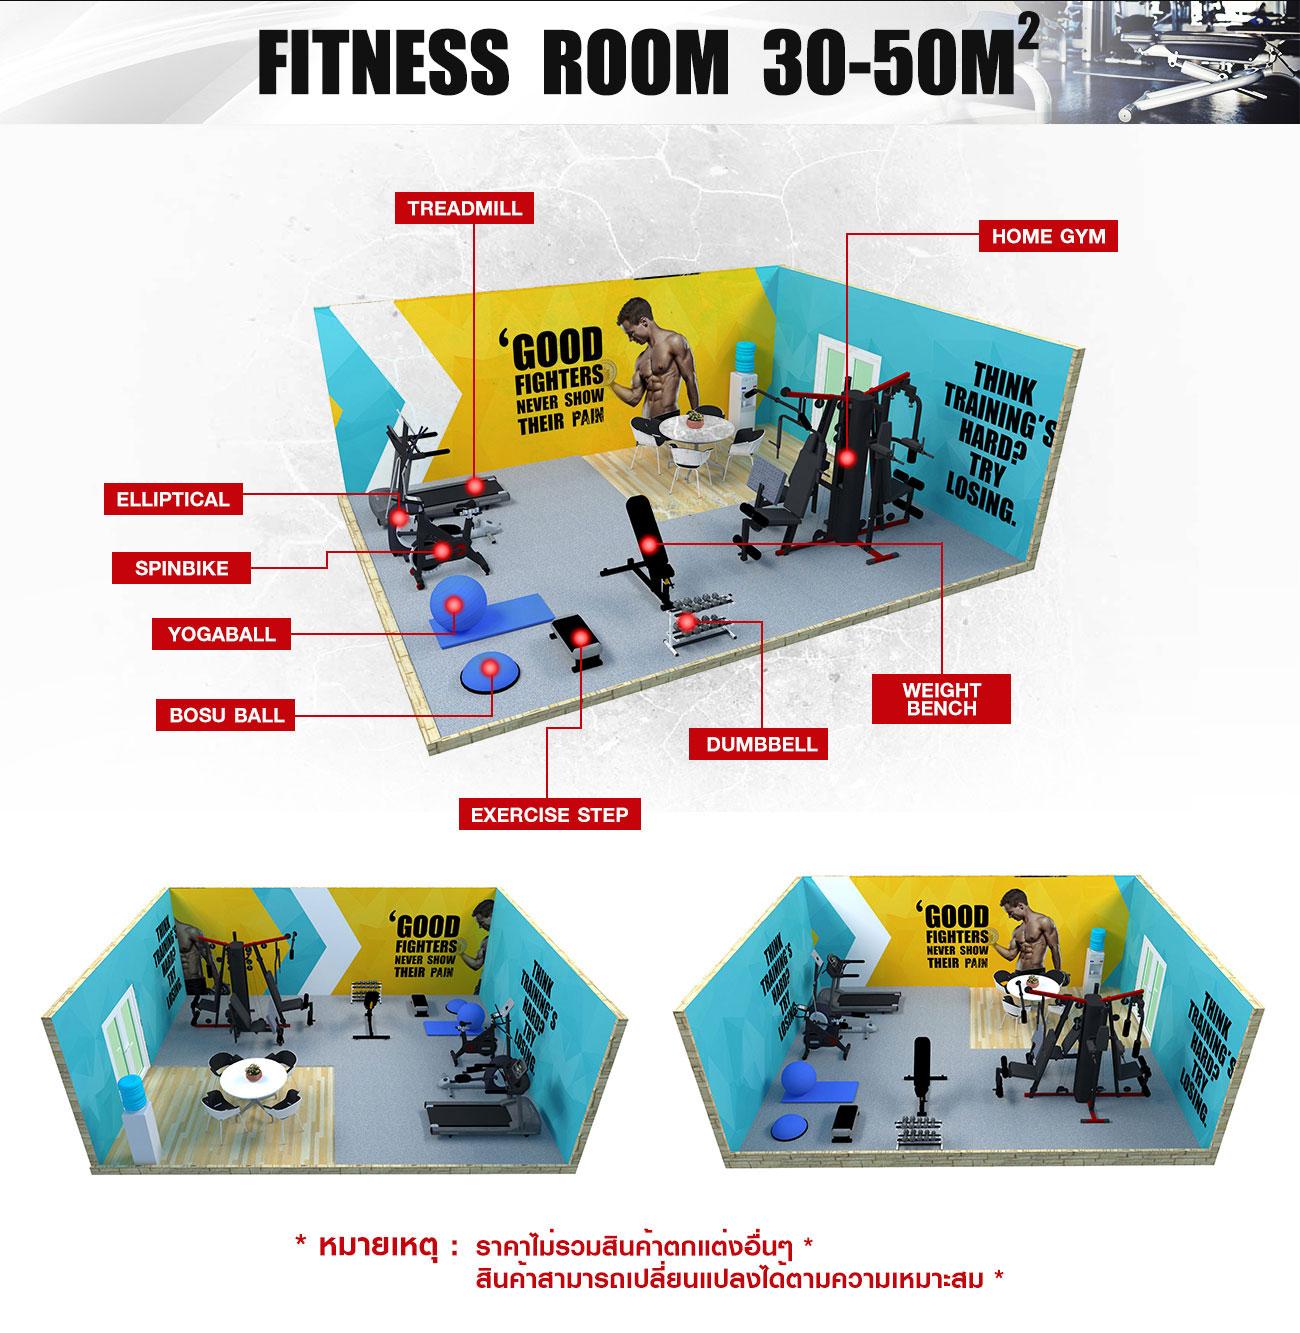 ห้องฟิตเนสสำหรับ 30 – 50 ตารางเมตร (FR102)